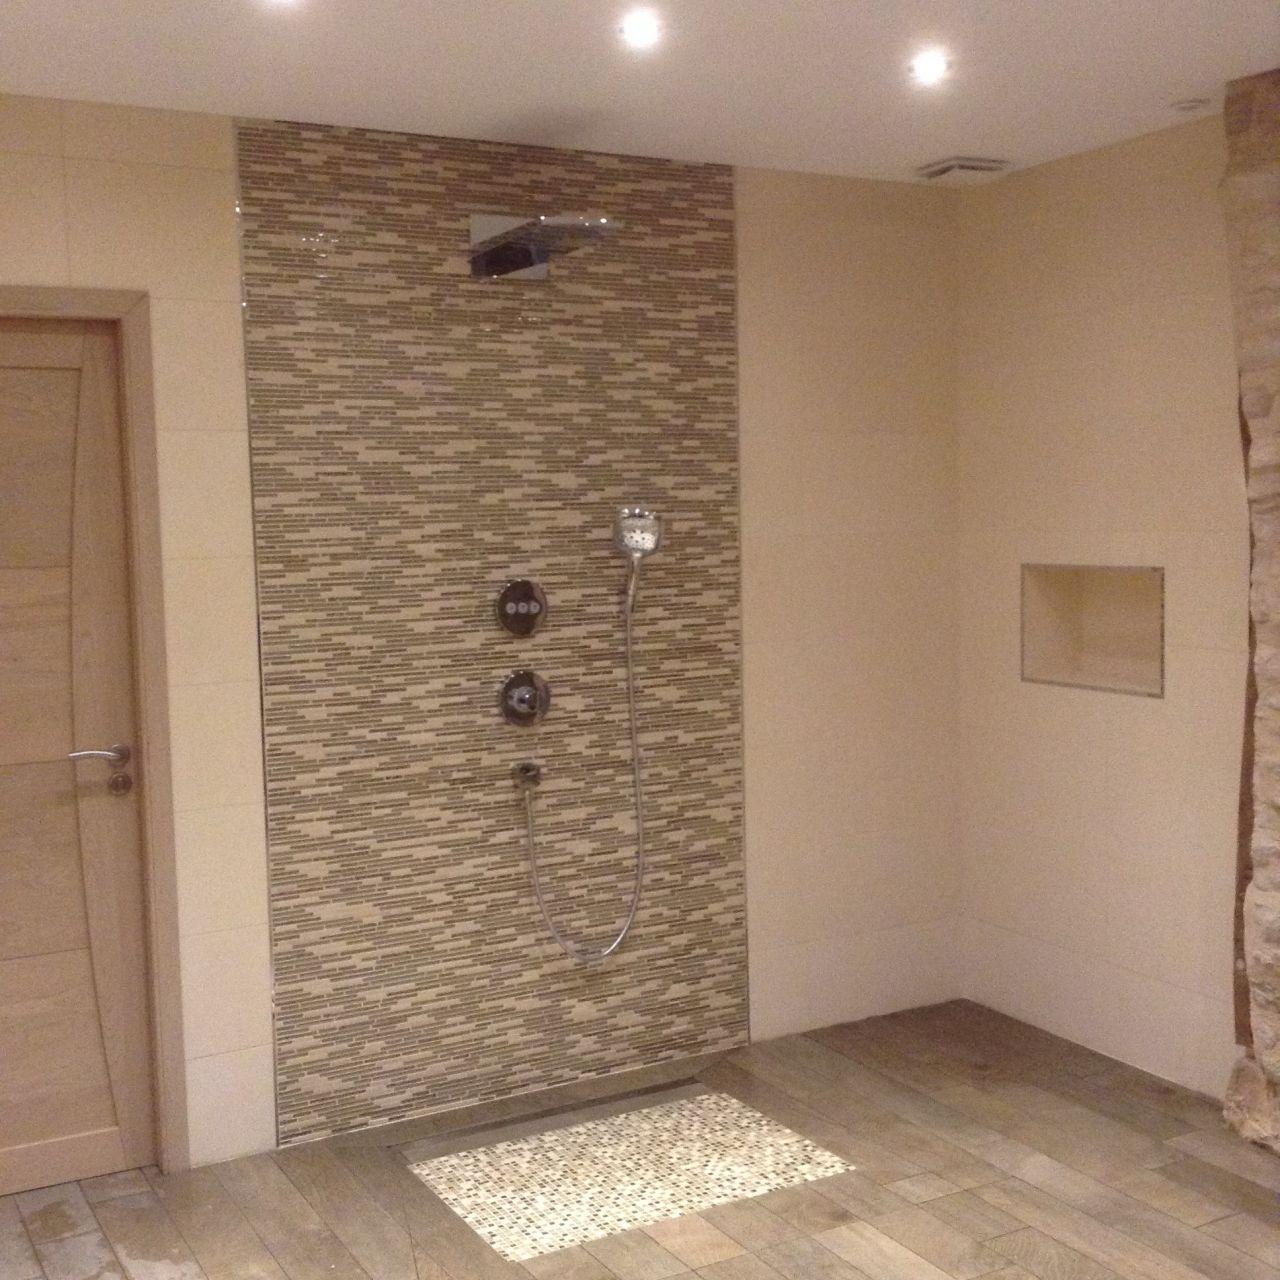 Douche italienne 140 100 avec ensemble thermostatique encastr e t te de douche 420 air for Construction salle de bain italienne